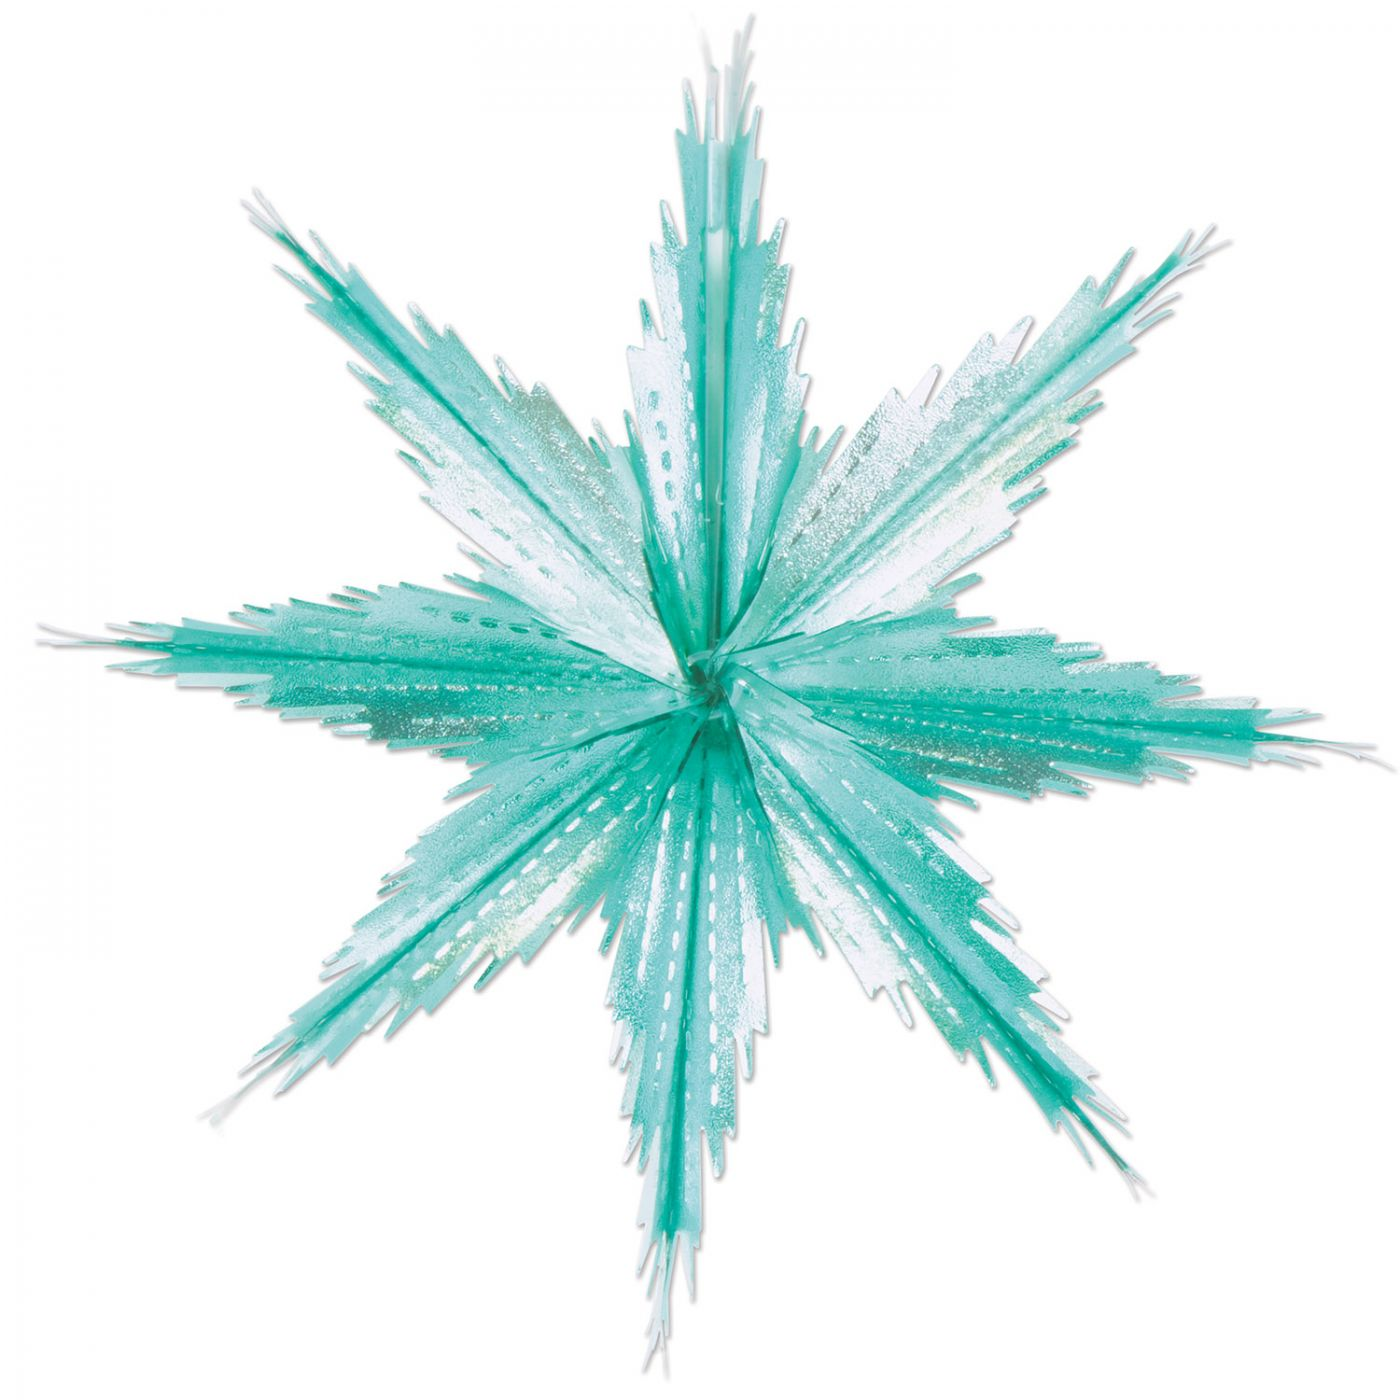 2-Tone Metallic Snowflakes image